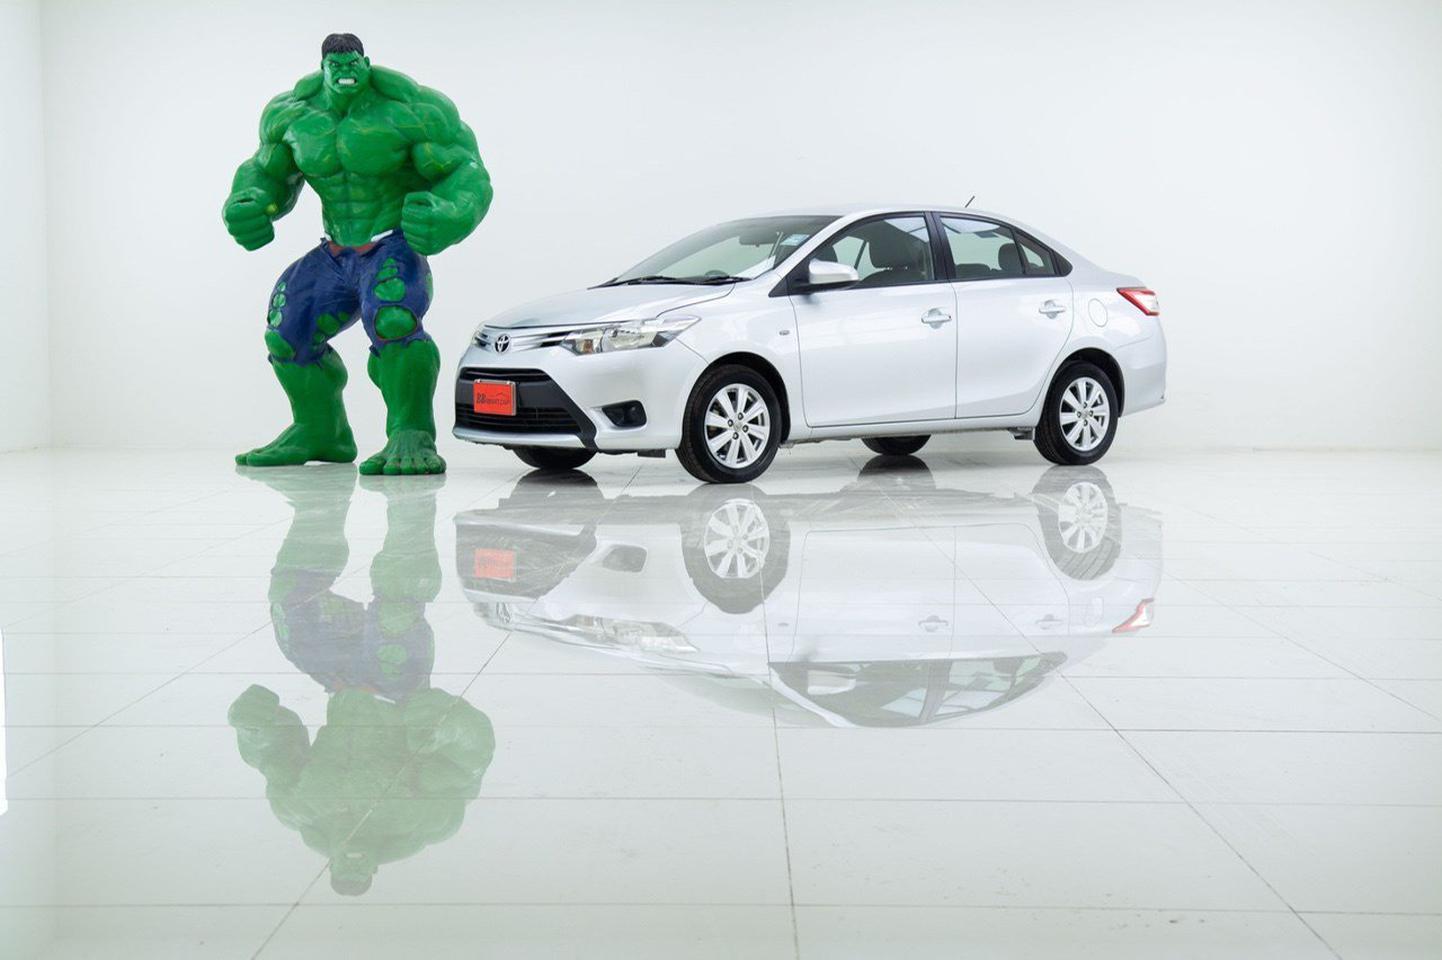 รถยนต์มือสองคุณภาพดีพร้อมใช้งานรับประกันคุณภาพ รูปที่ 5